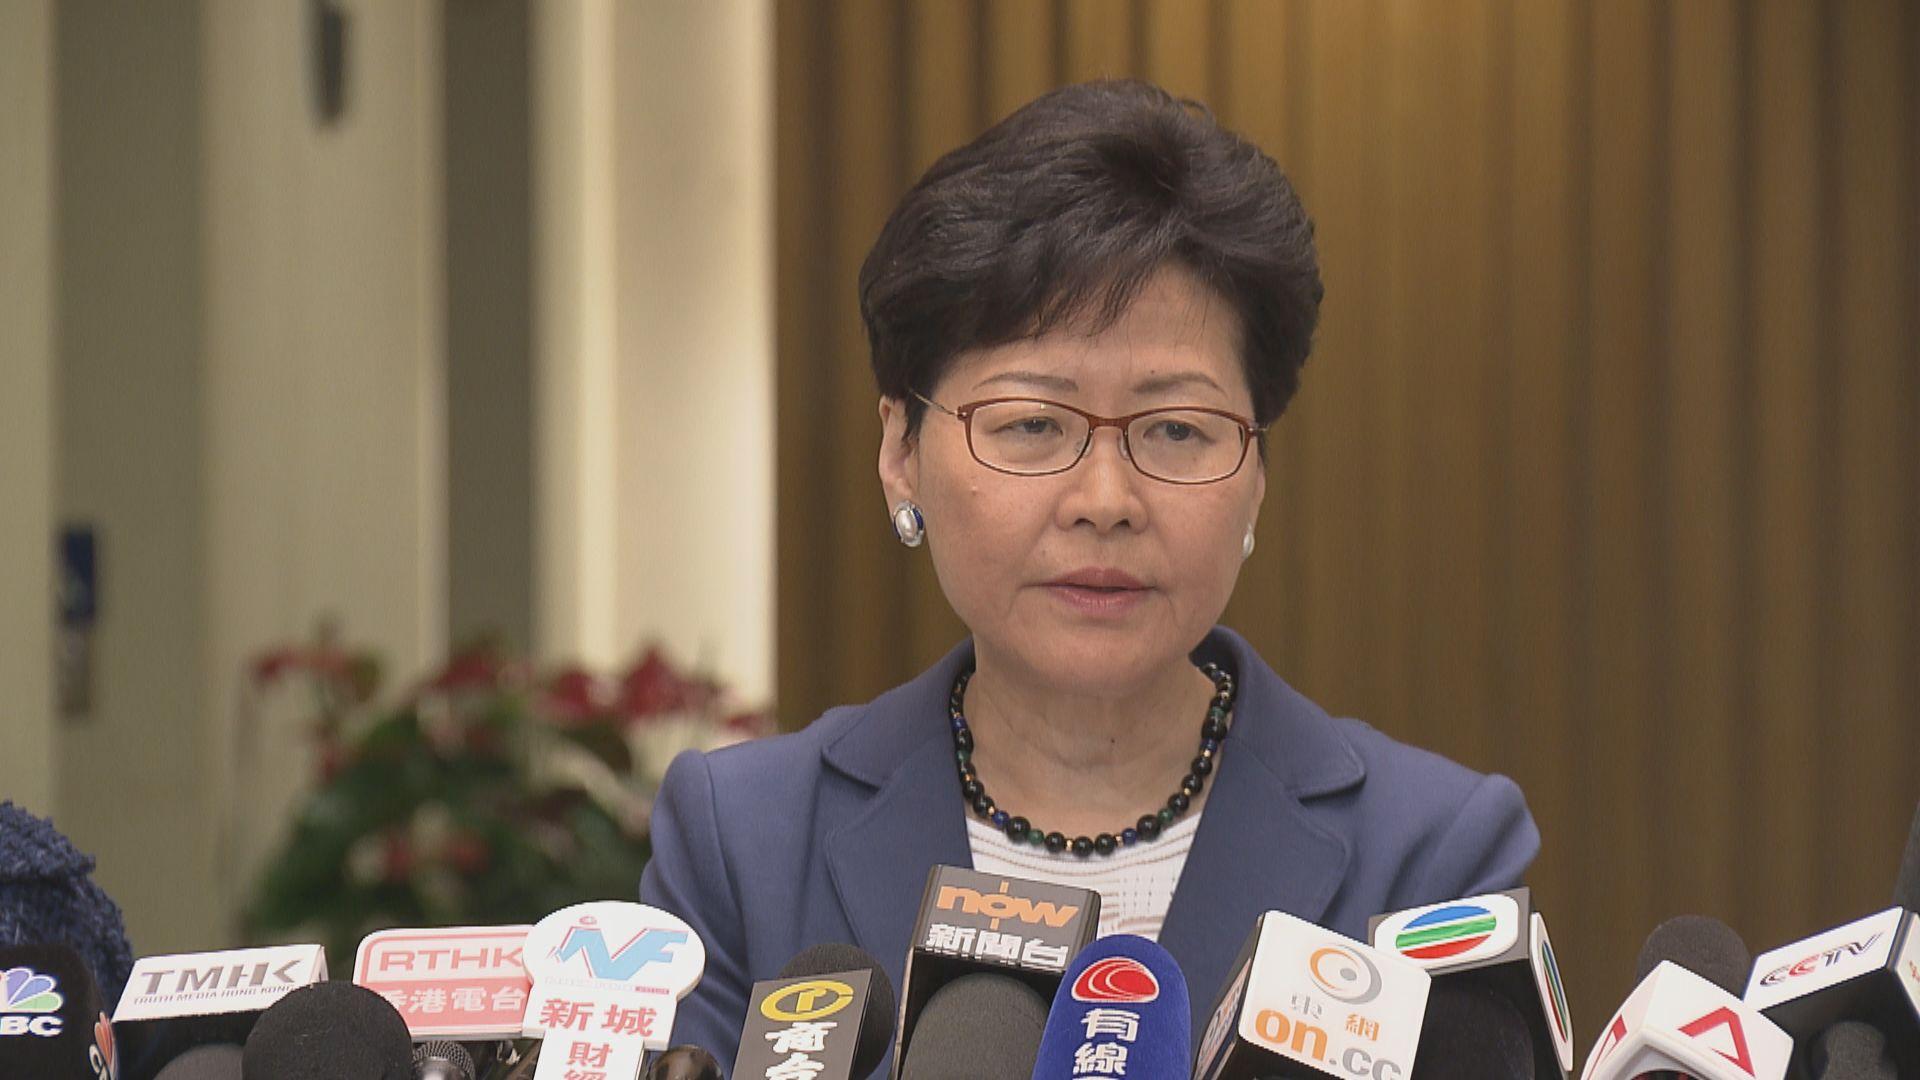 【最新】林鄭月娥:感謝支持和反對意見因有利日後良好管治